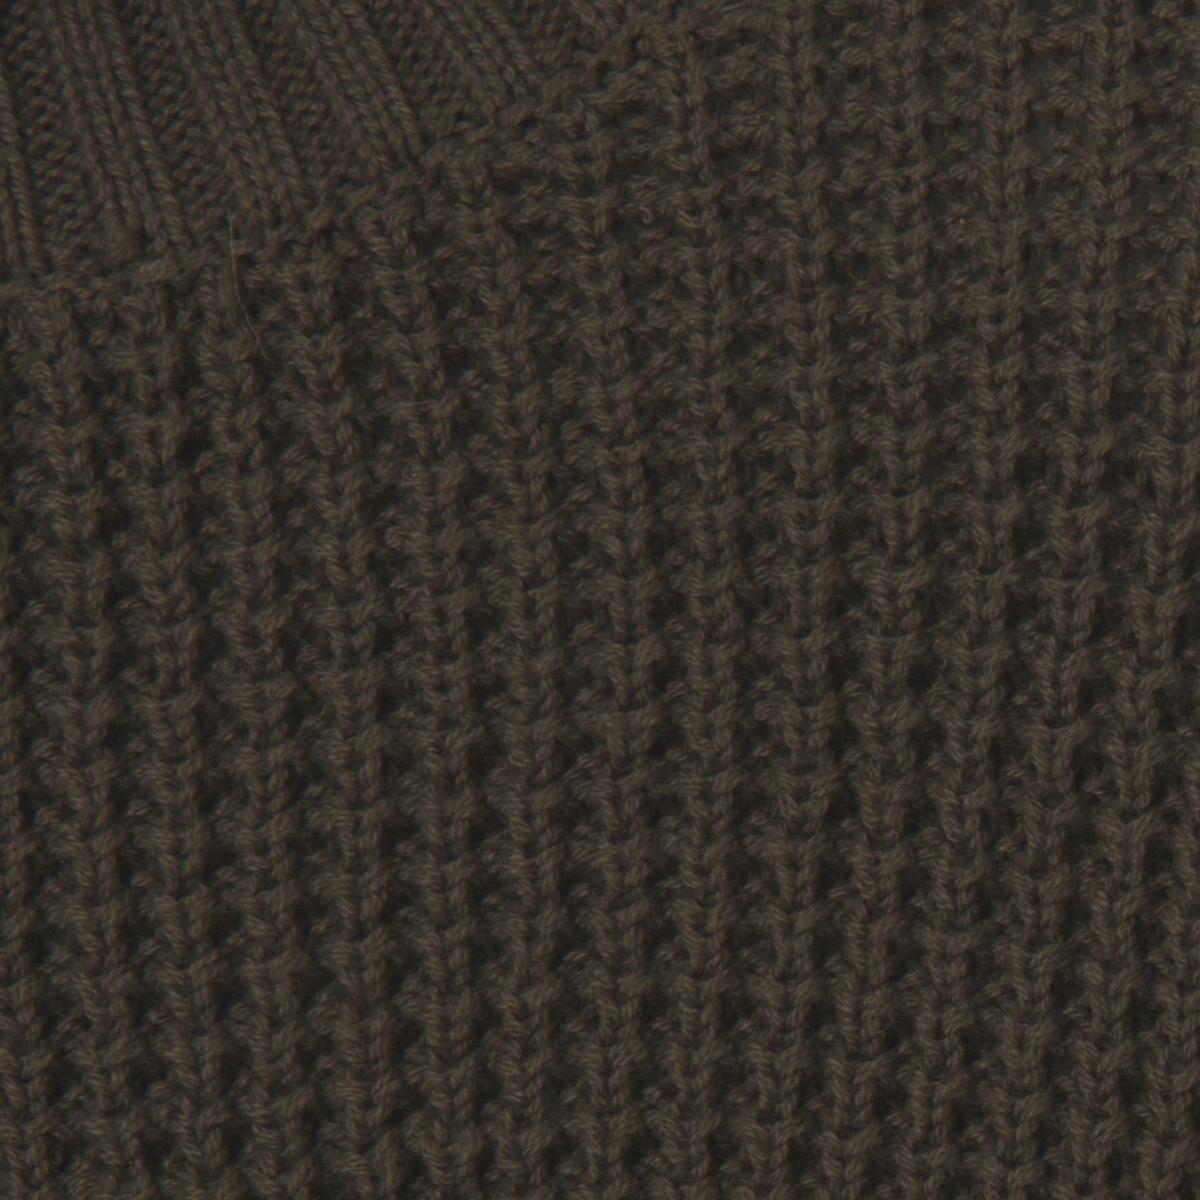 Пуловер из оригинального трикотажа, 3-12 летОписание:Детали   •  Длинные рукава •  Воротник-стойка •  Плотный трикотаж Состав и уход   •  100% хлопок  •  Температура стирки 30° на деликатном режиме   •  Сухая чистка и отбеливание запрещены    •  Сушить на горизонтальной поверхности в расправленном состоянии •  Низкая температура глажки<br><br>Цвет: хаки<br>Размер: 3 года - 94 см.10 лет - 138 см.6 лет - 114 см.12 лет -150 см.4 года - 102 см.5 лет - 108 см.8 лет - 126 см